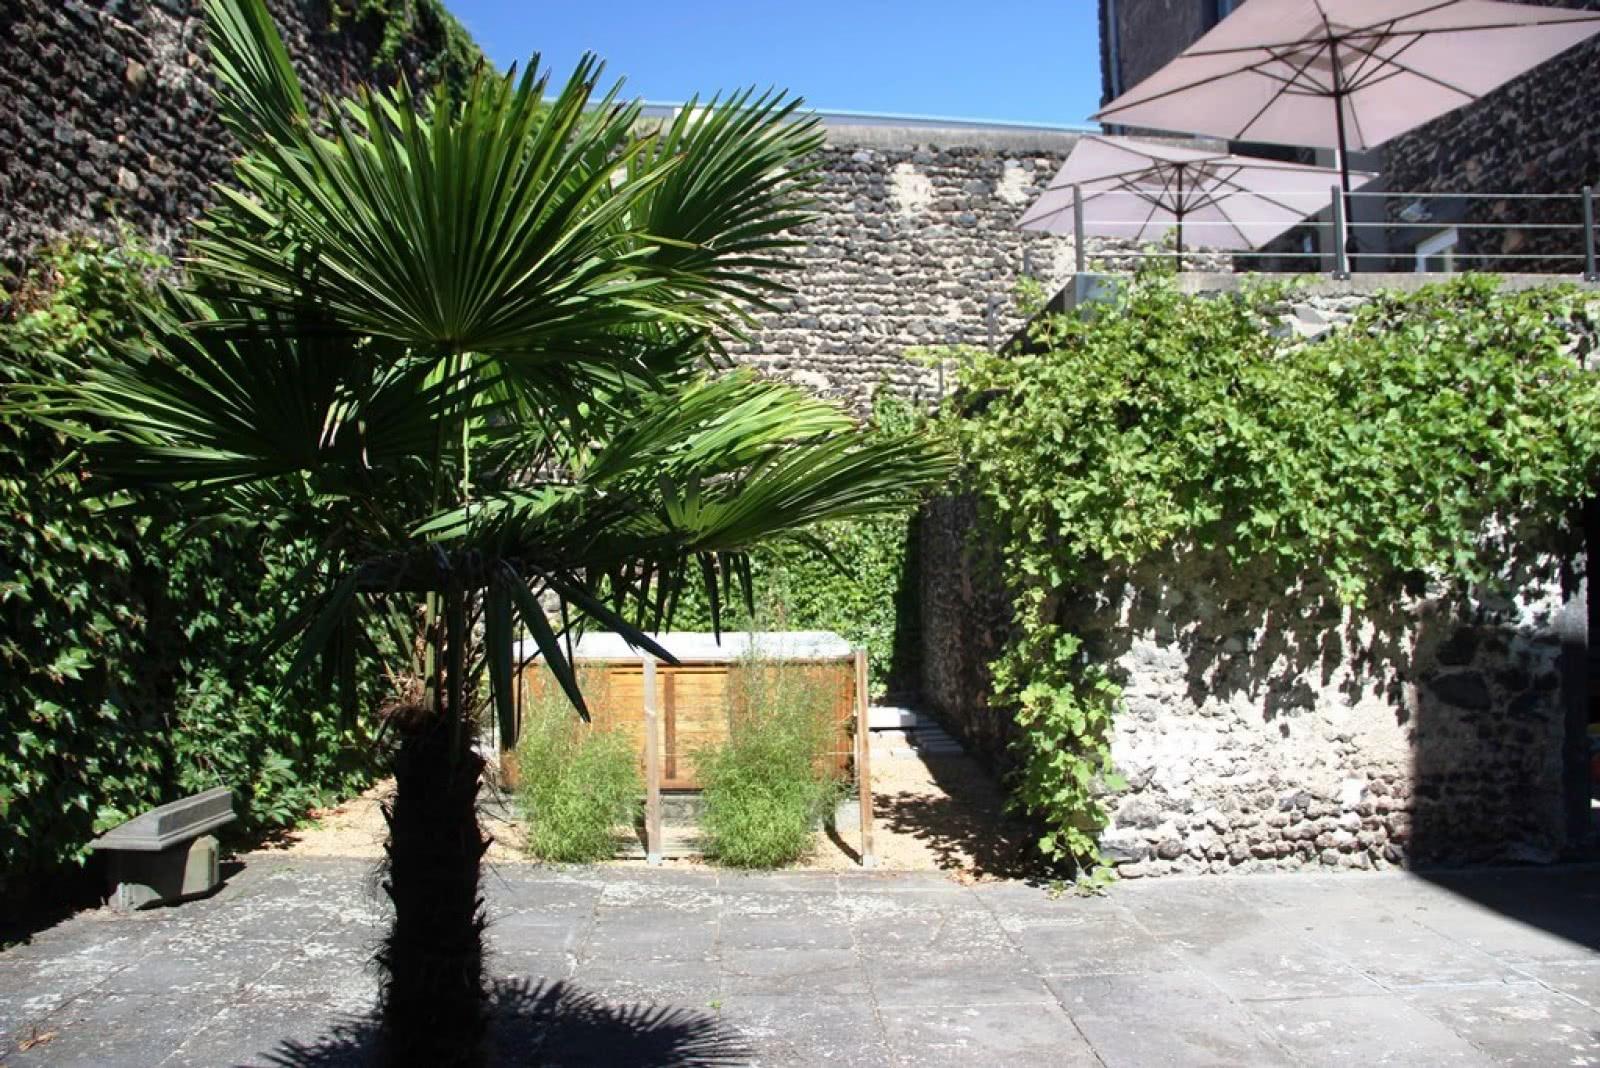 Clos beaumont clermont auvergne tourisme - Petit jardin tropical clermont ferrand ...